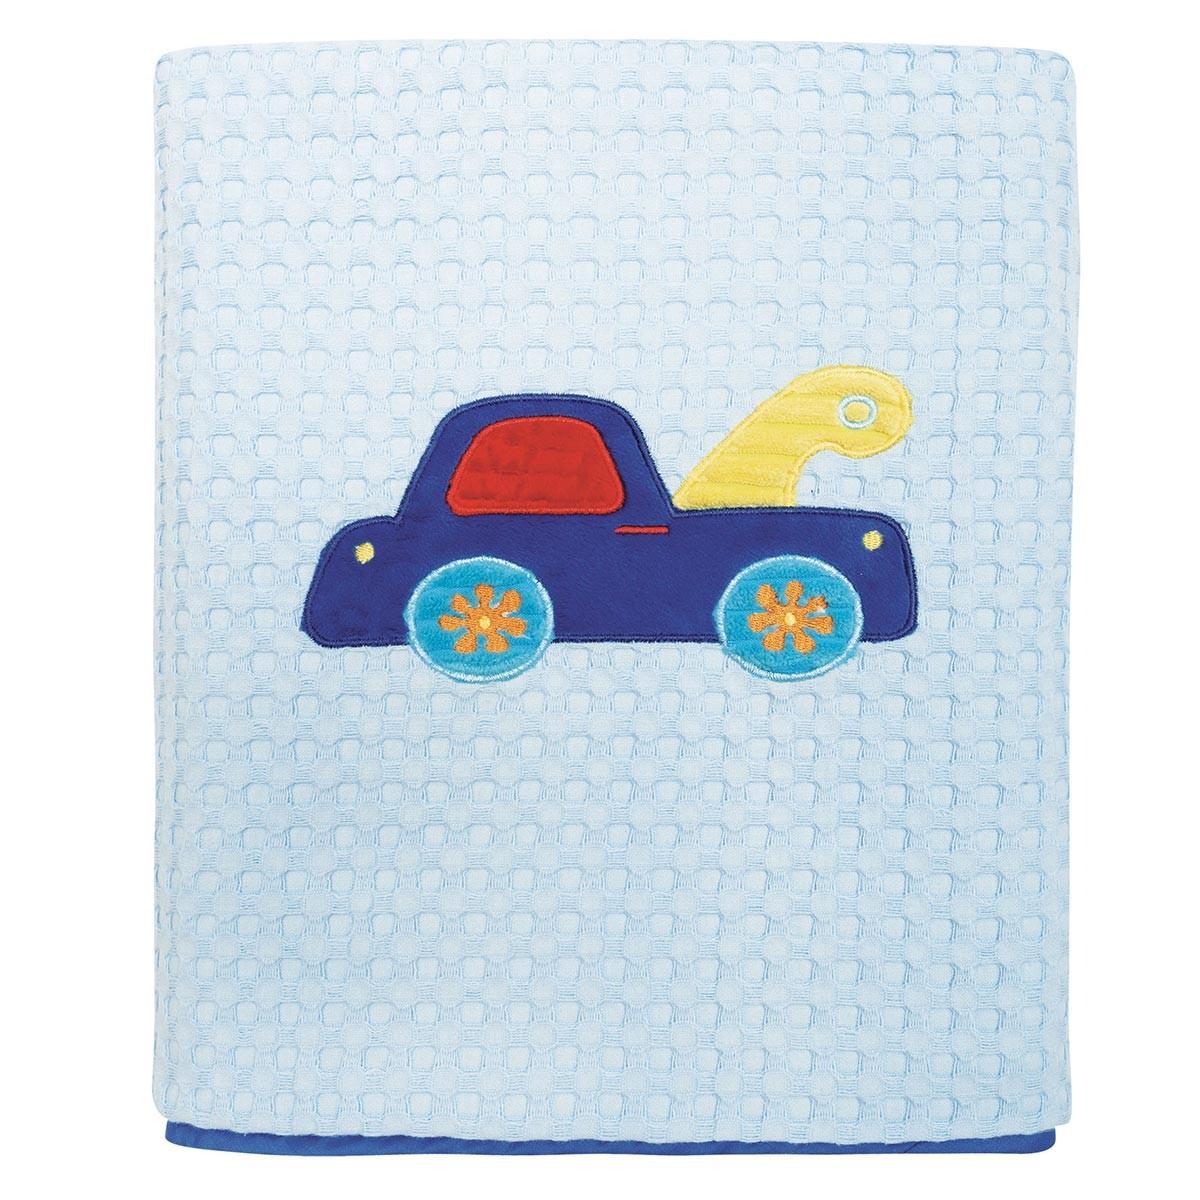 Κουβέρτα Πικέ Αγκαλιάς Das Home Dream Embroidery 6393